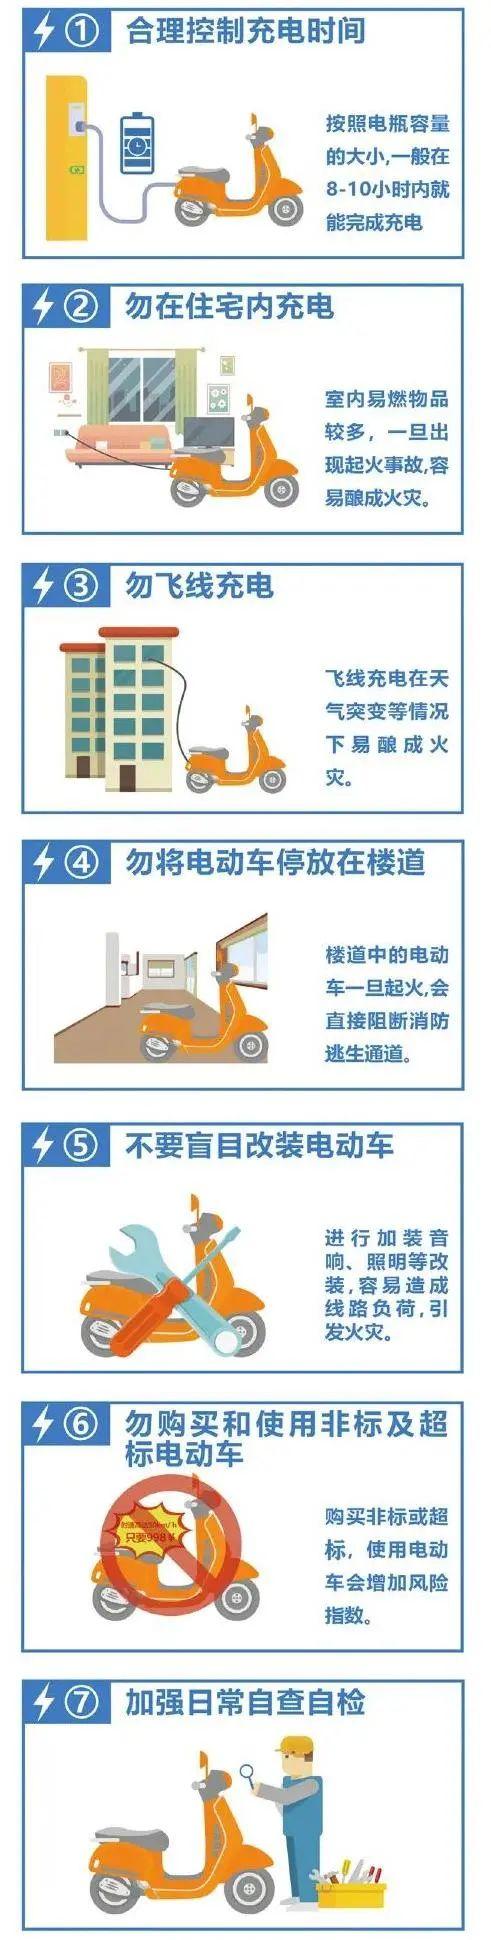 北京通州小区火灾5人死亡,市领导现场处置,又和它有关!